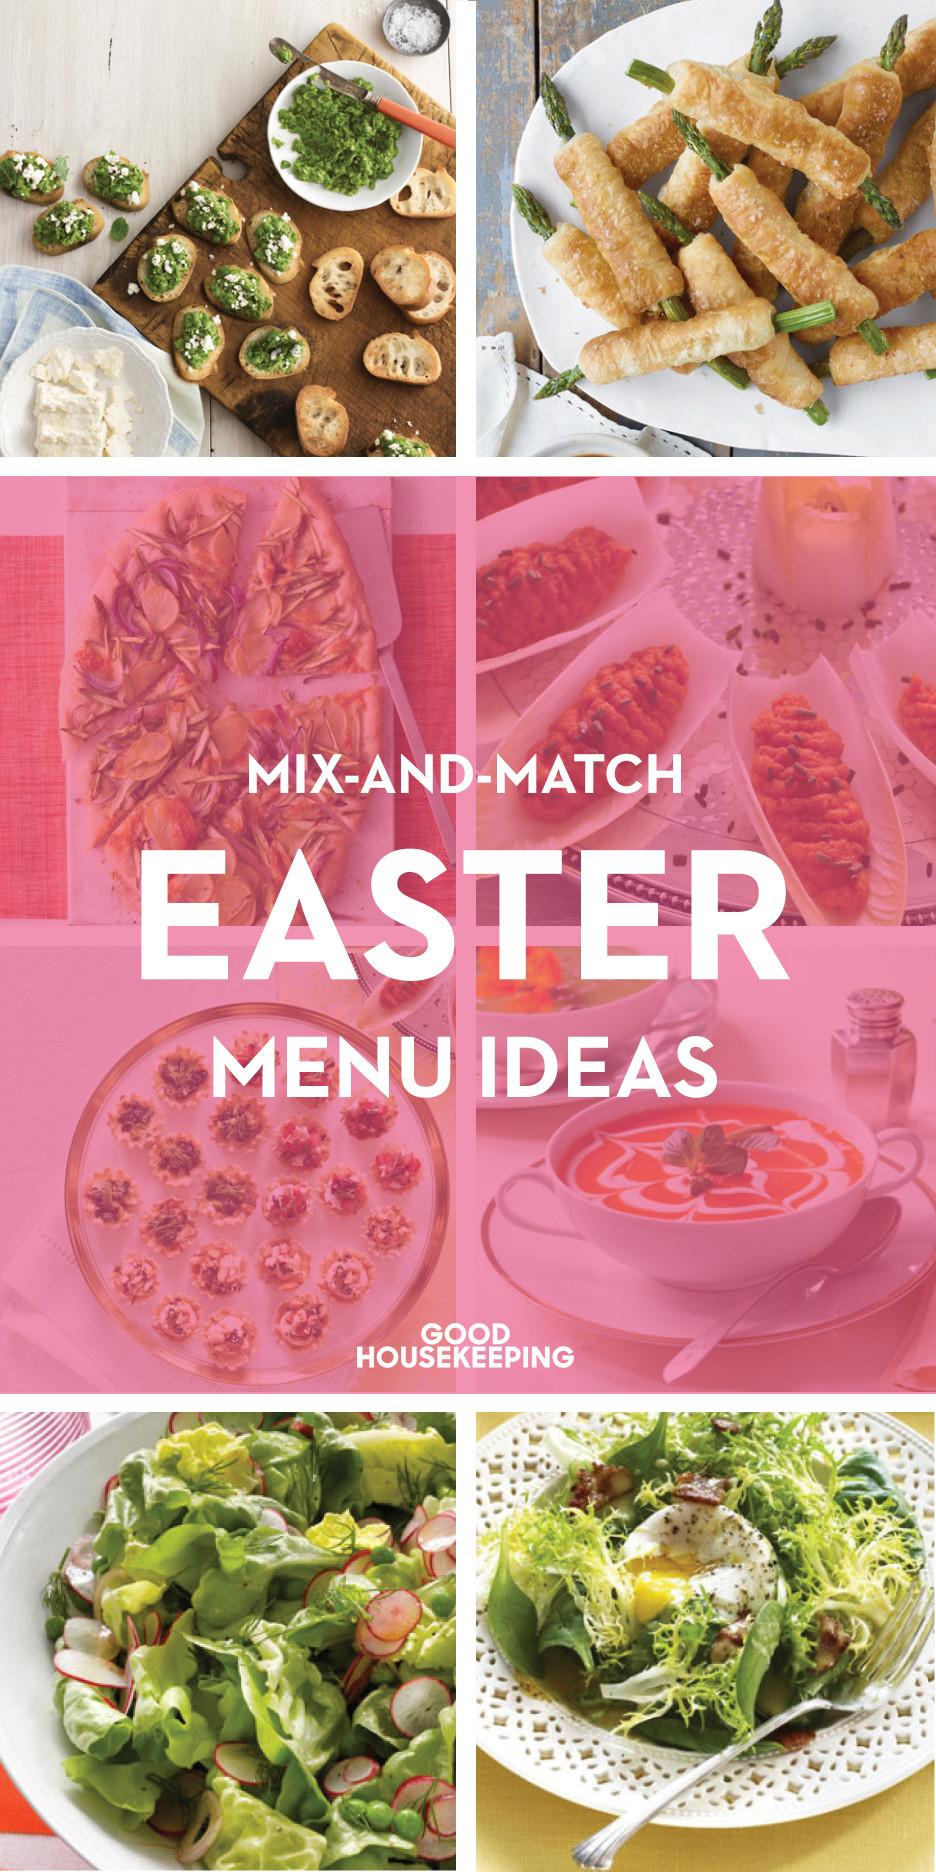 Ideas For Easter Dinner  65 Easter Dinner Menu Ideas Easy Recipes for Easter Dinner